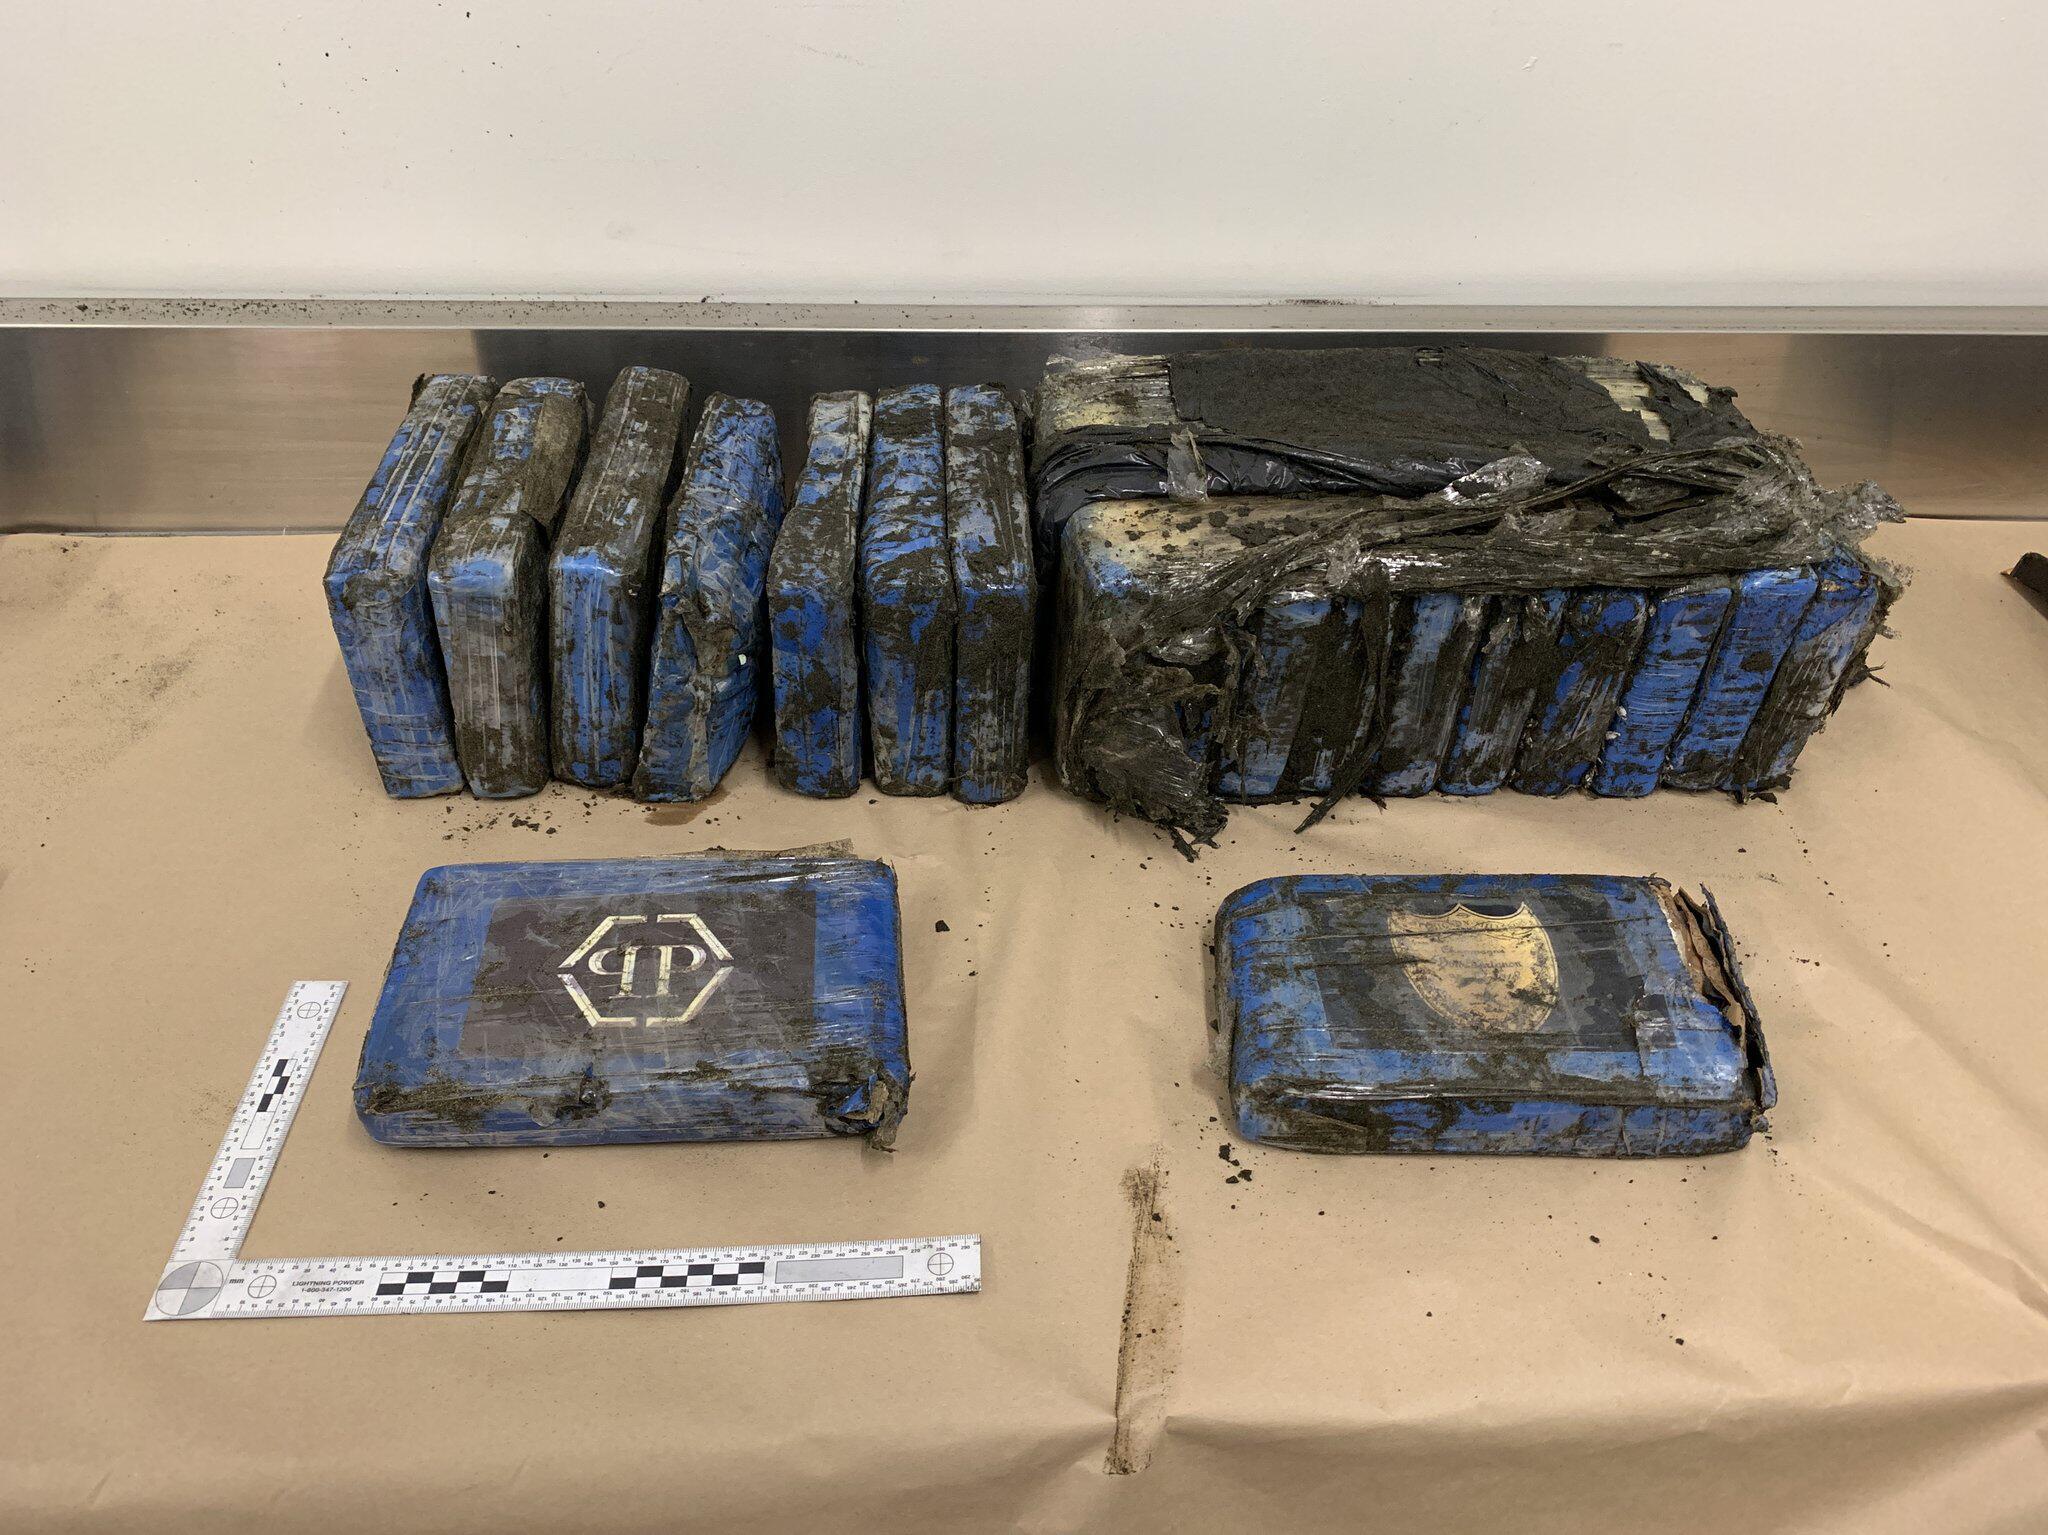 Bild zu Kokain-Päckchen inMillionenwert in Neuseeland an Strand gespült